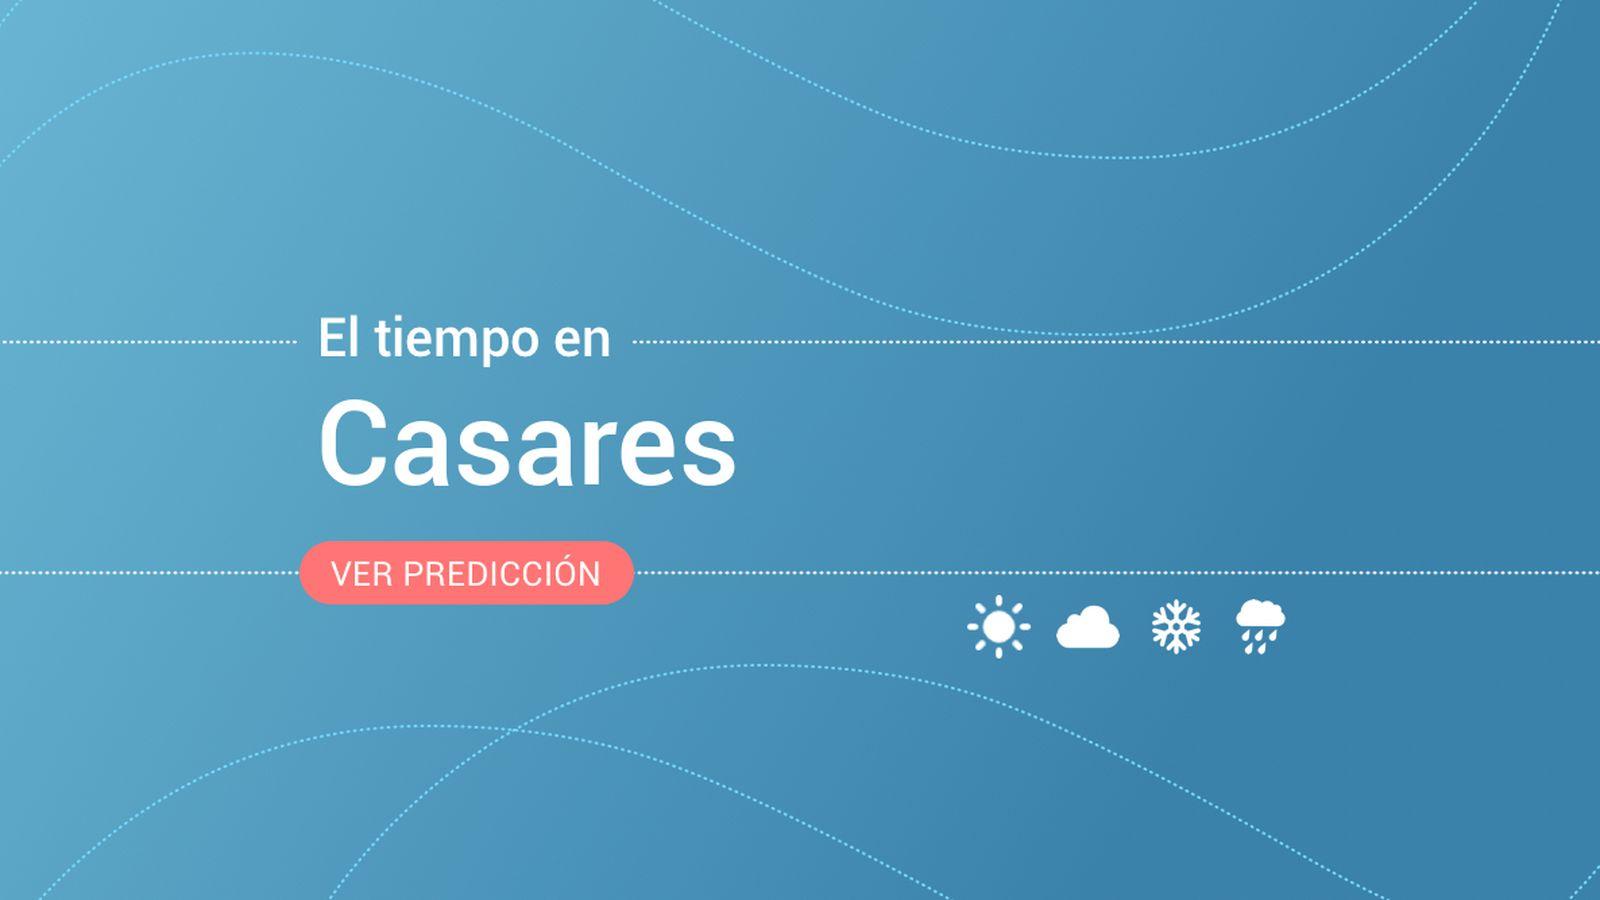 Foto: El tiempo en Casares. (EC)